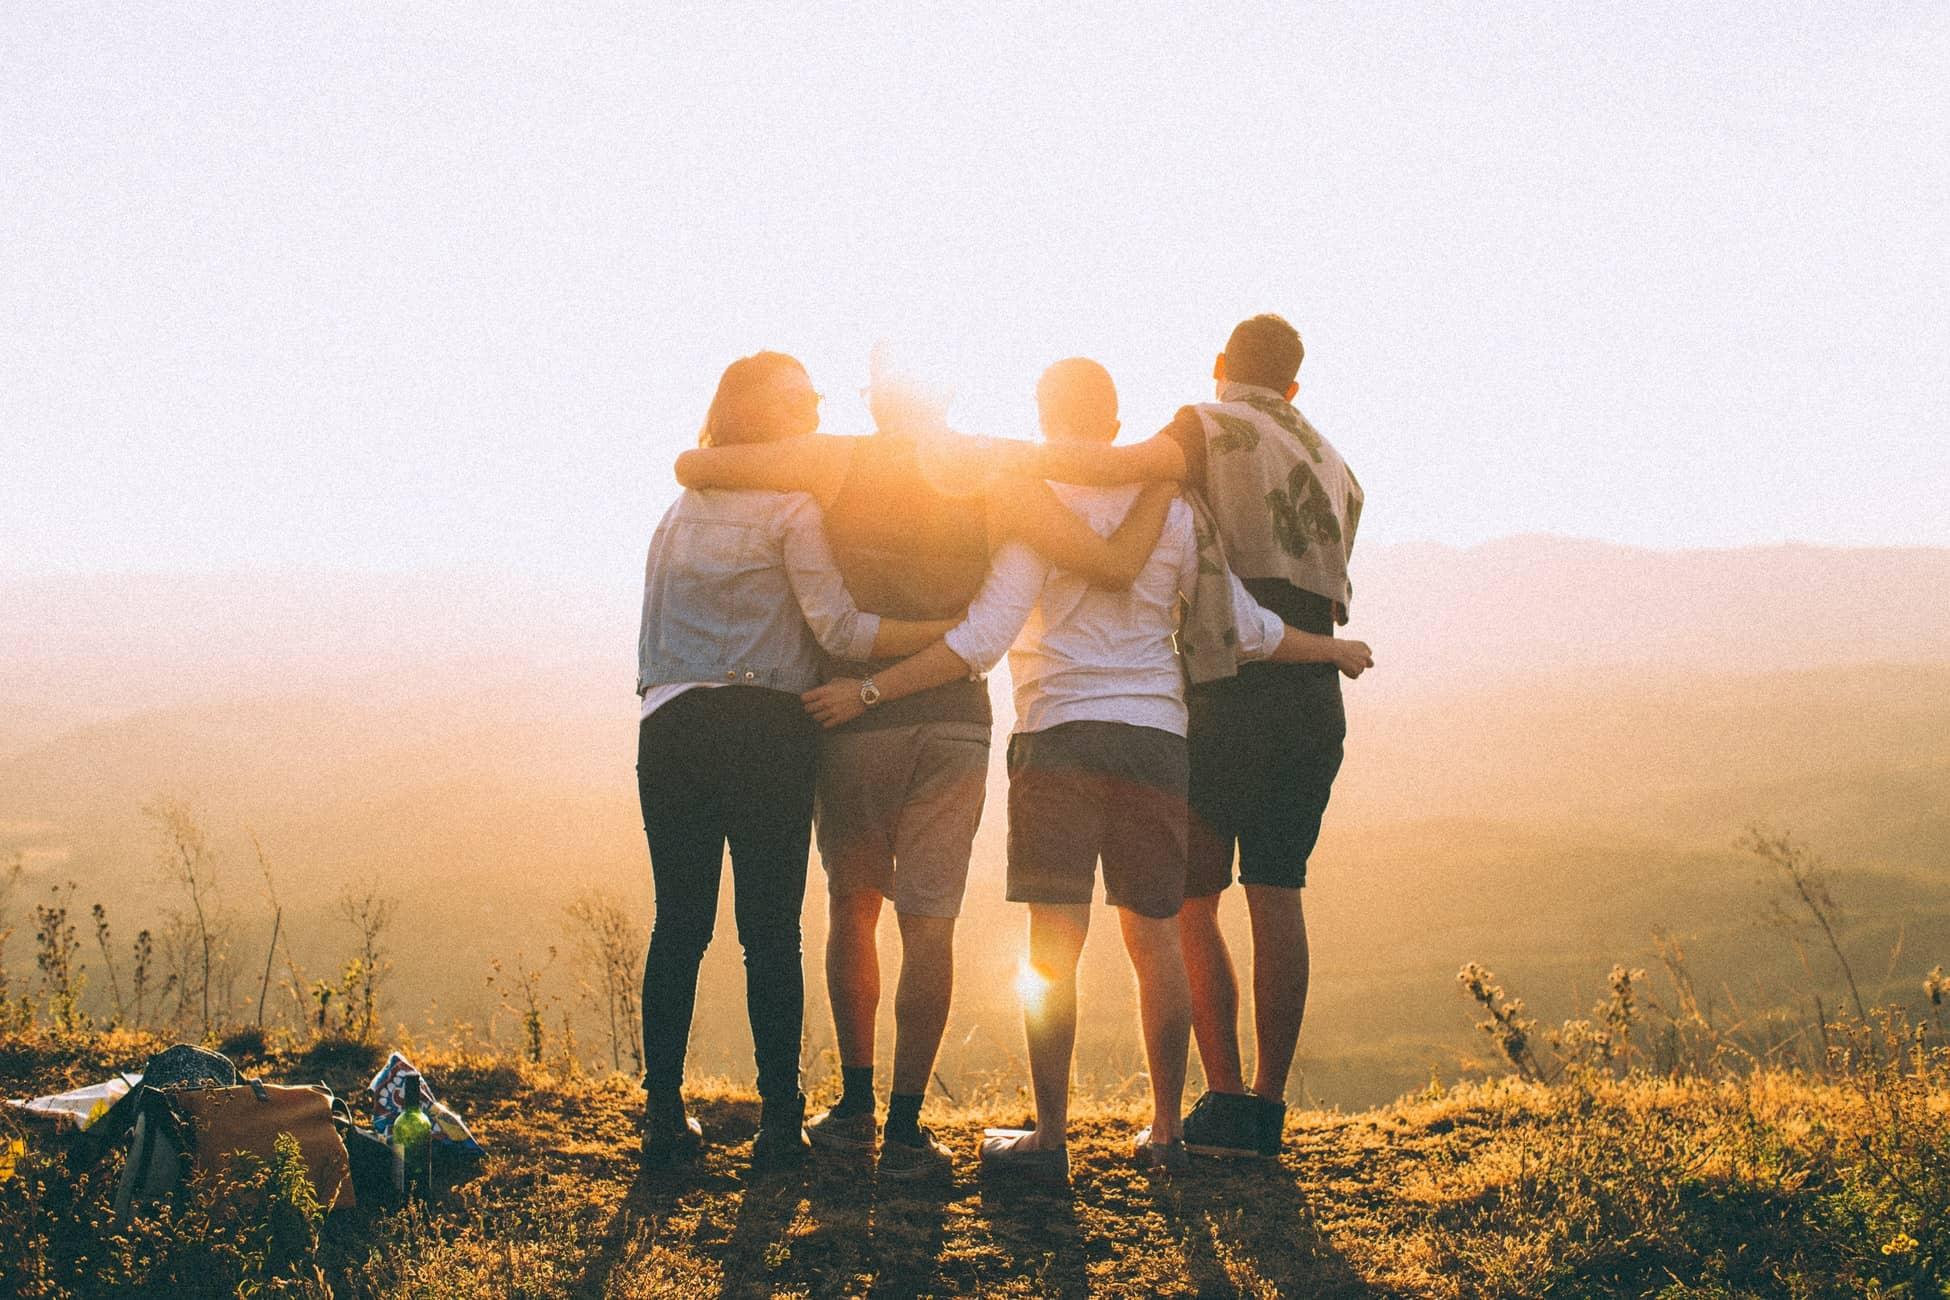 Groupe d'amis en vacances dans la nature